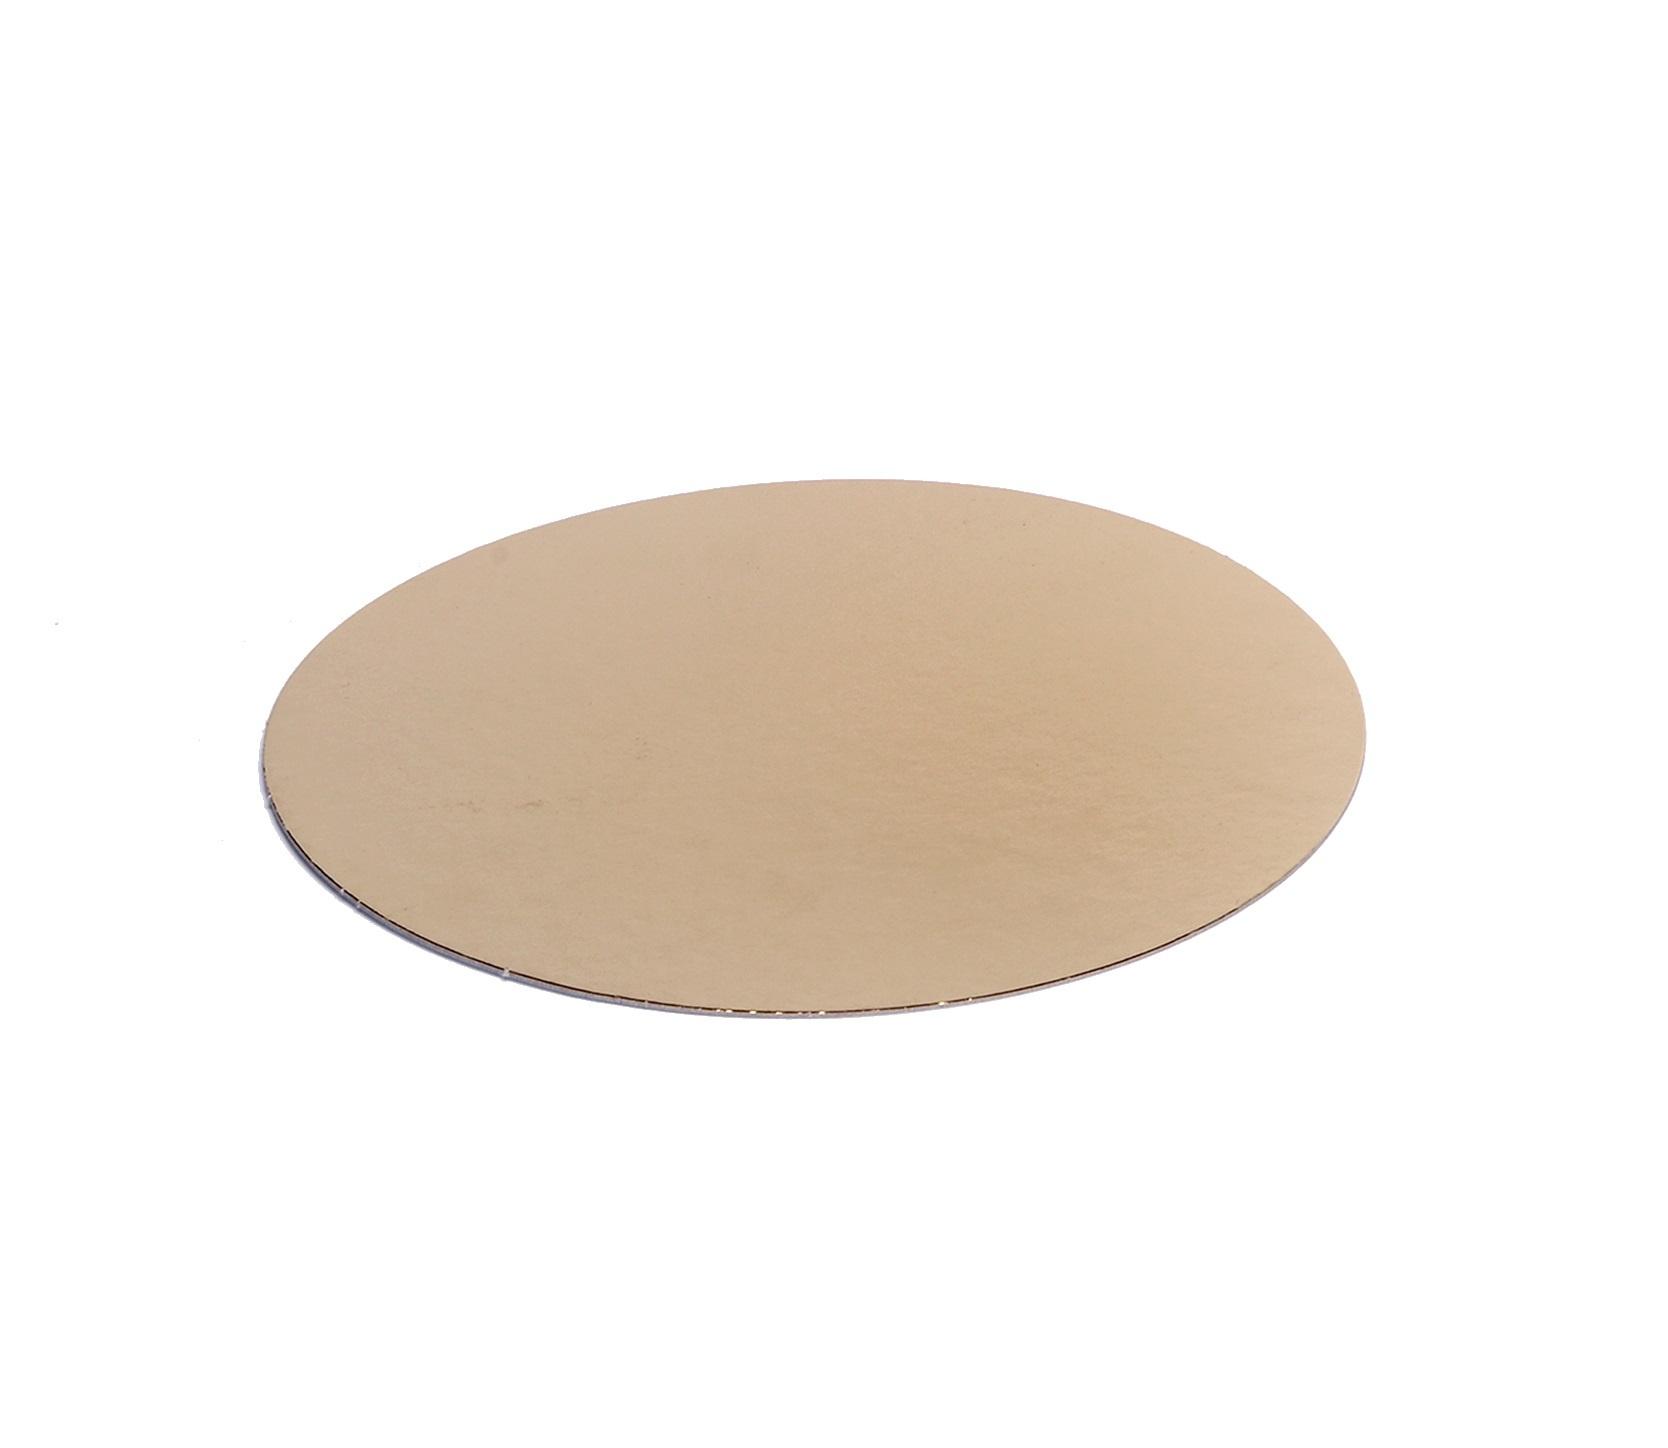 Kartonnen rondel zilver/goud Ø 110 mm pakje van 250 stuks